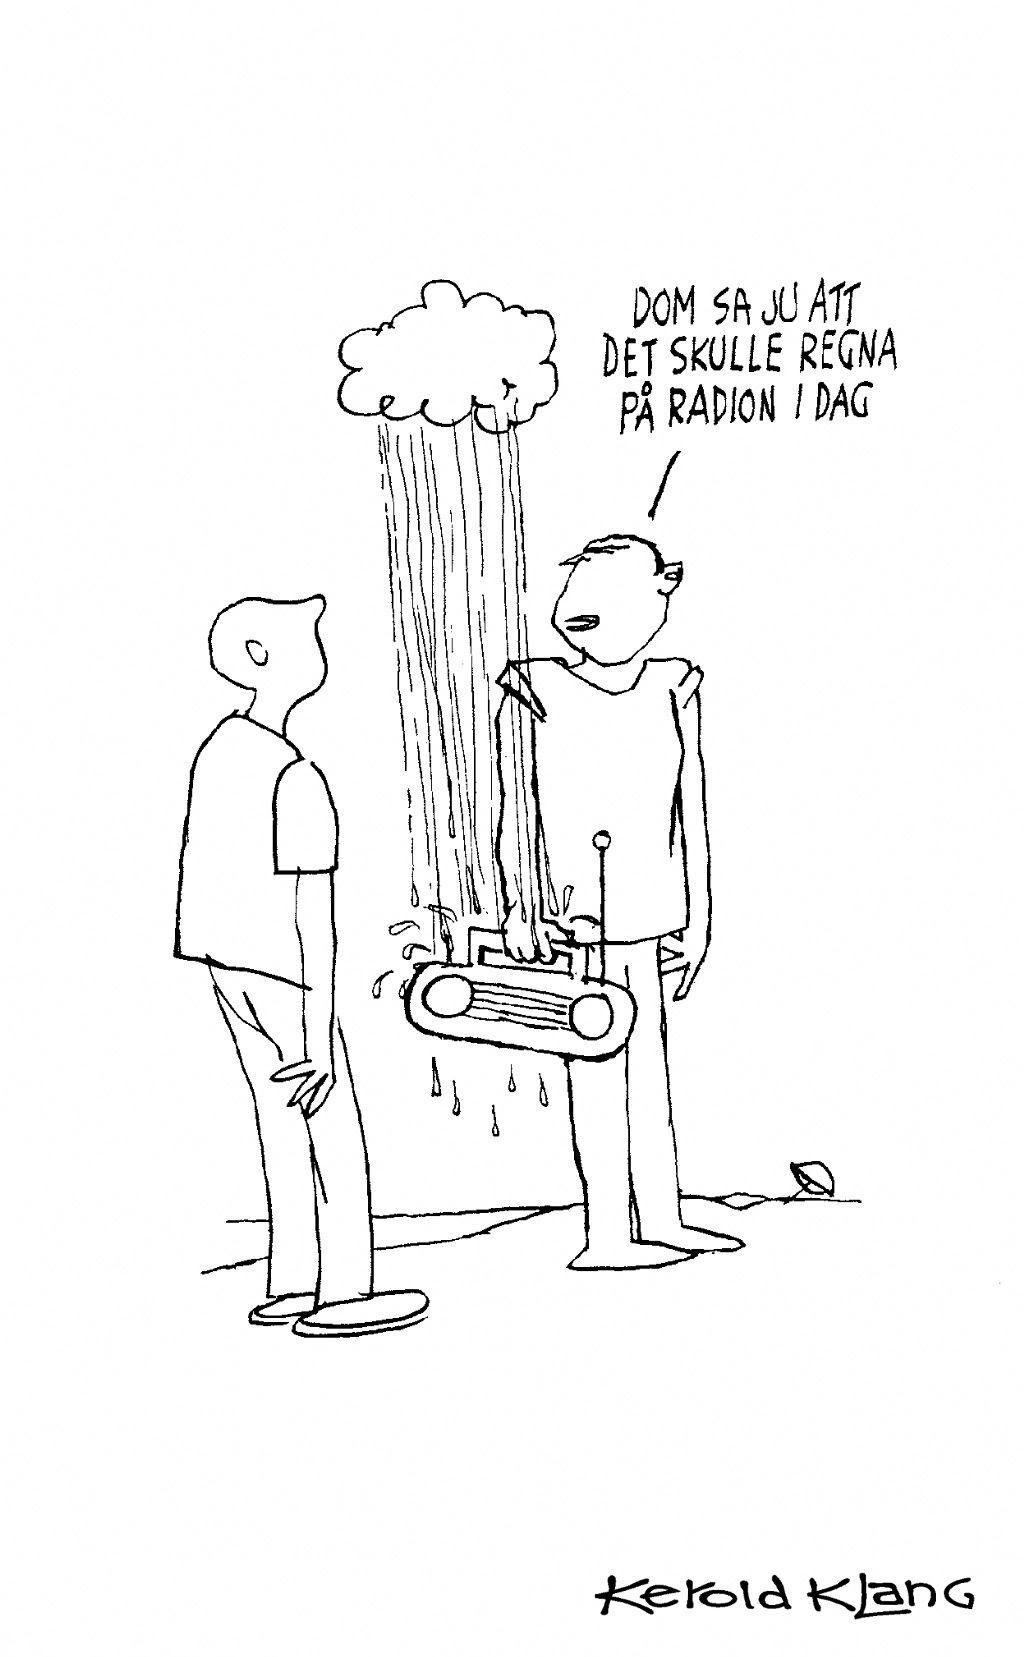 regn pa radion 68